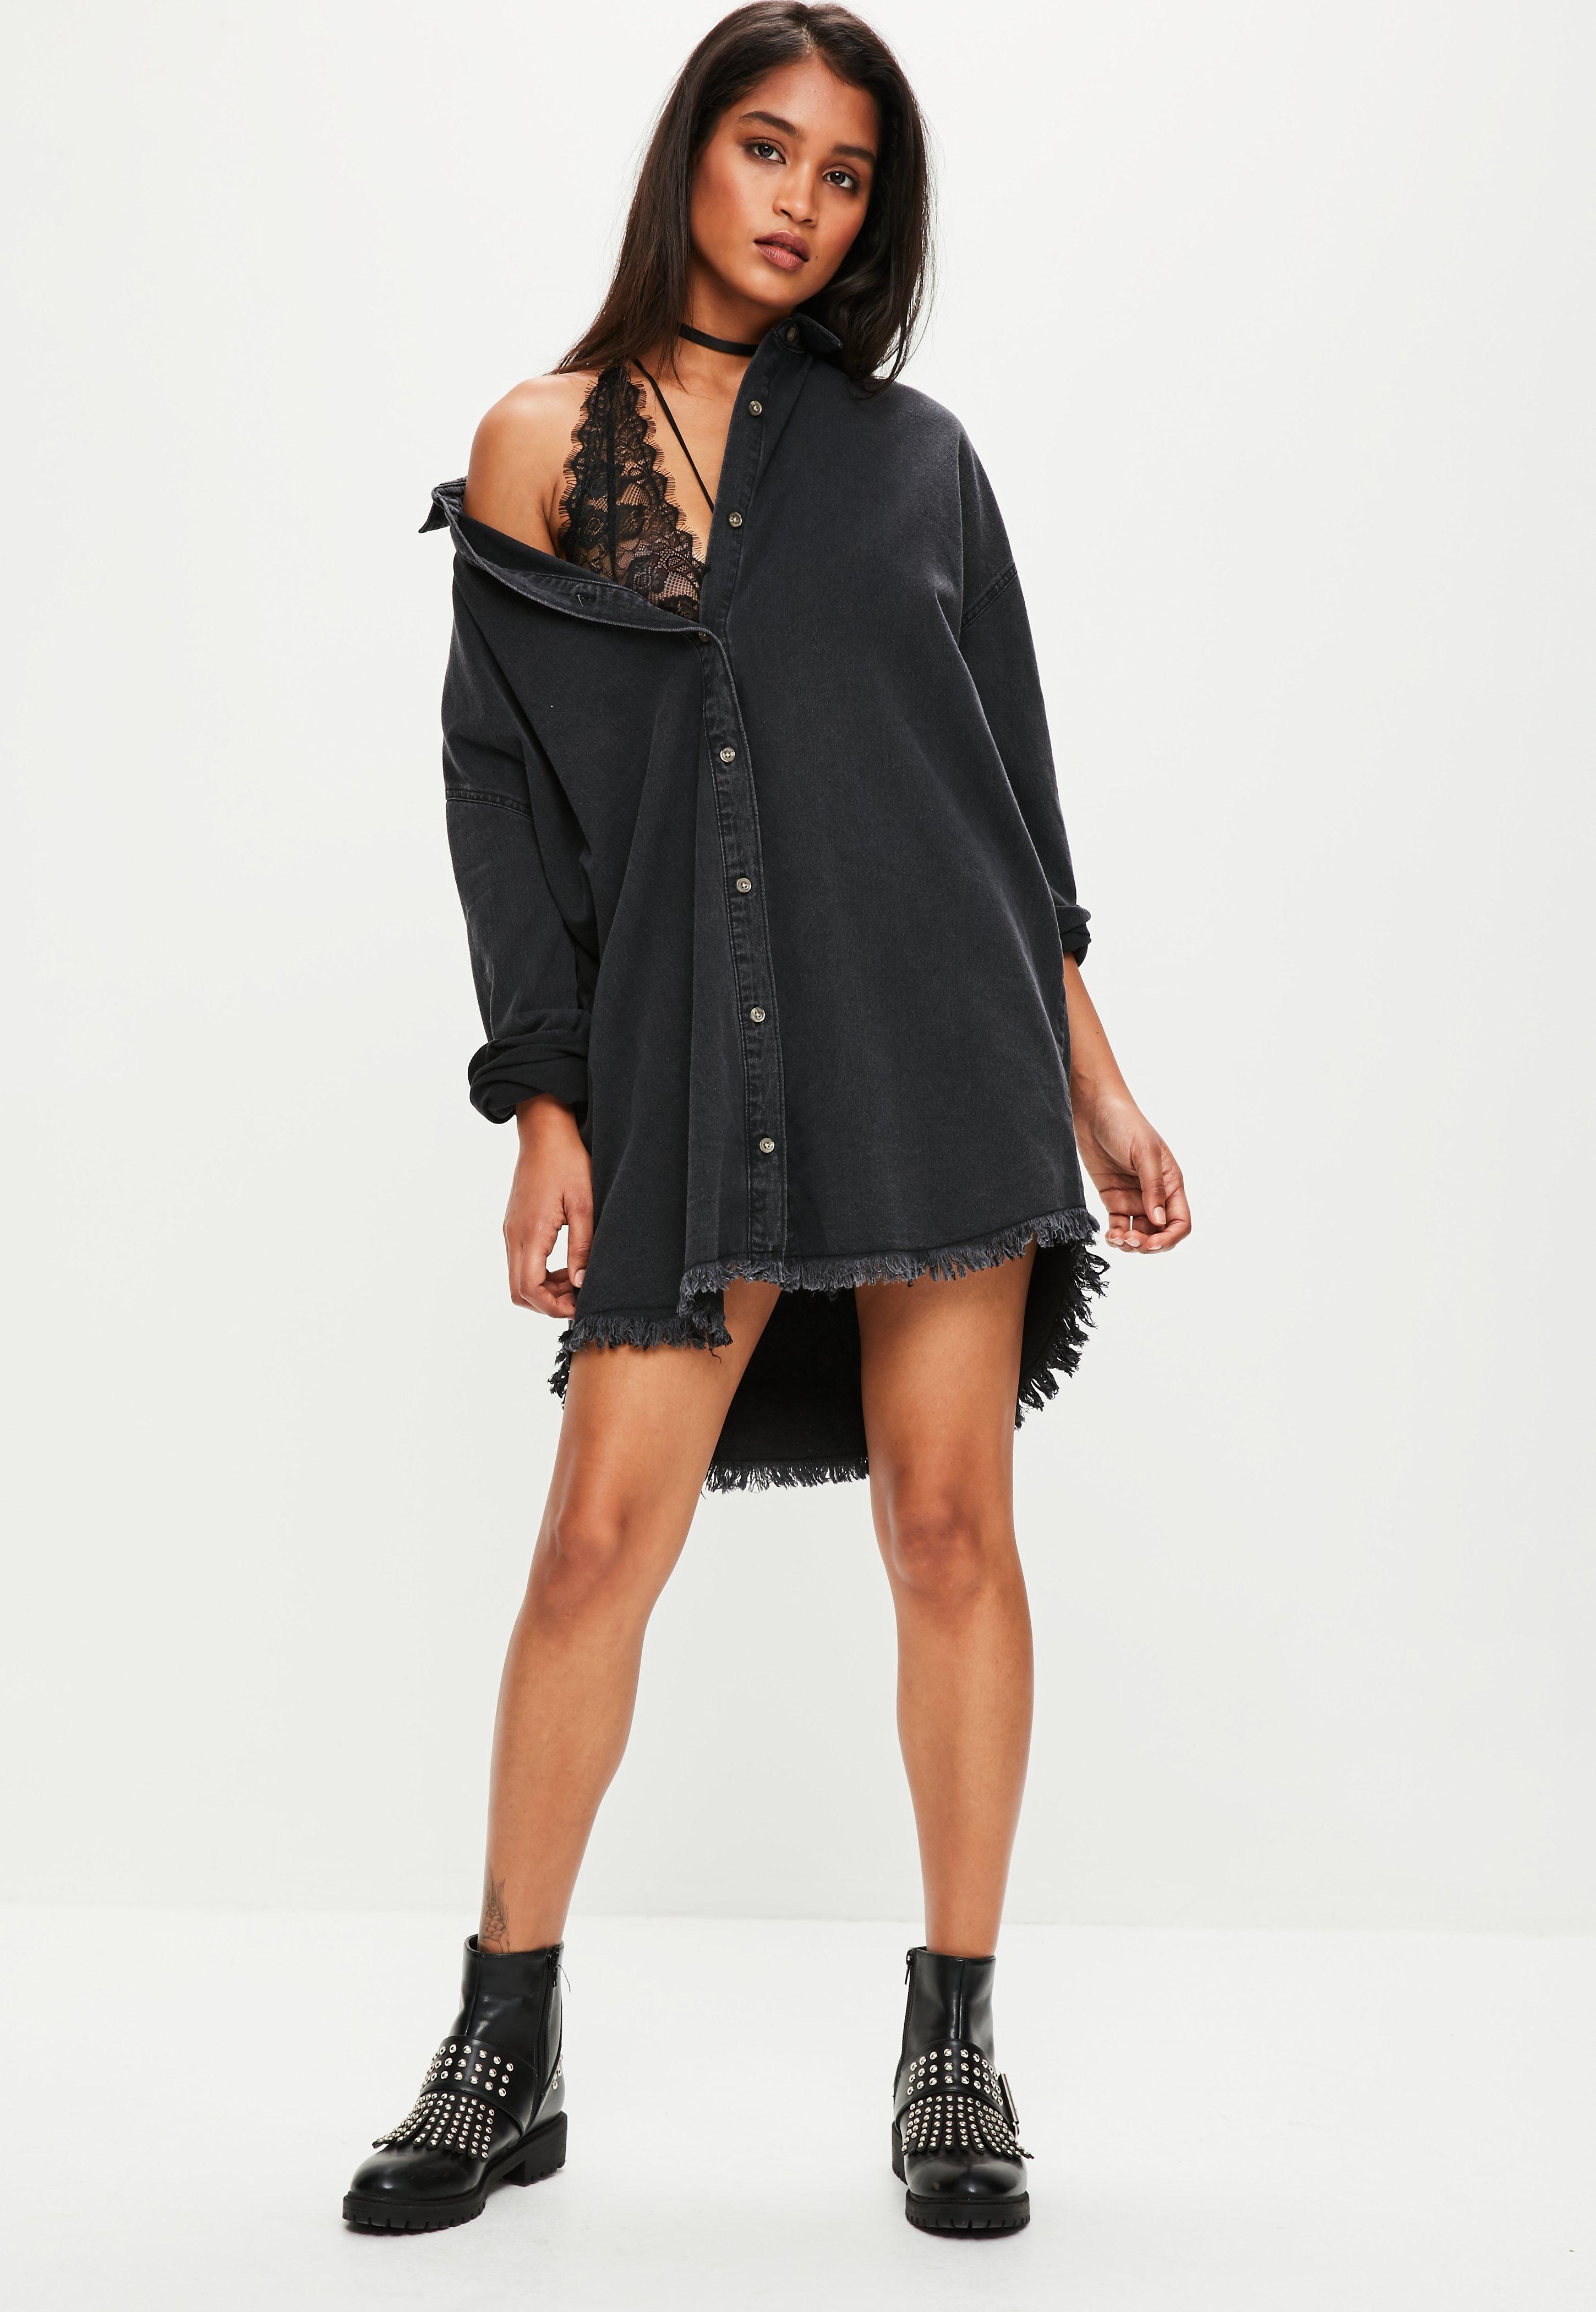 Jean Dress Black Picsbud